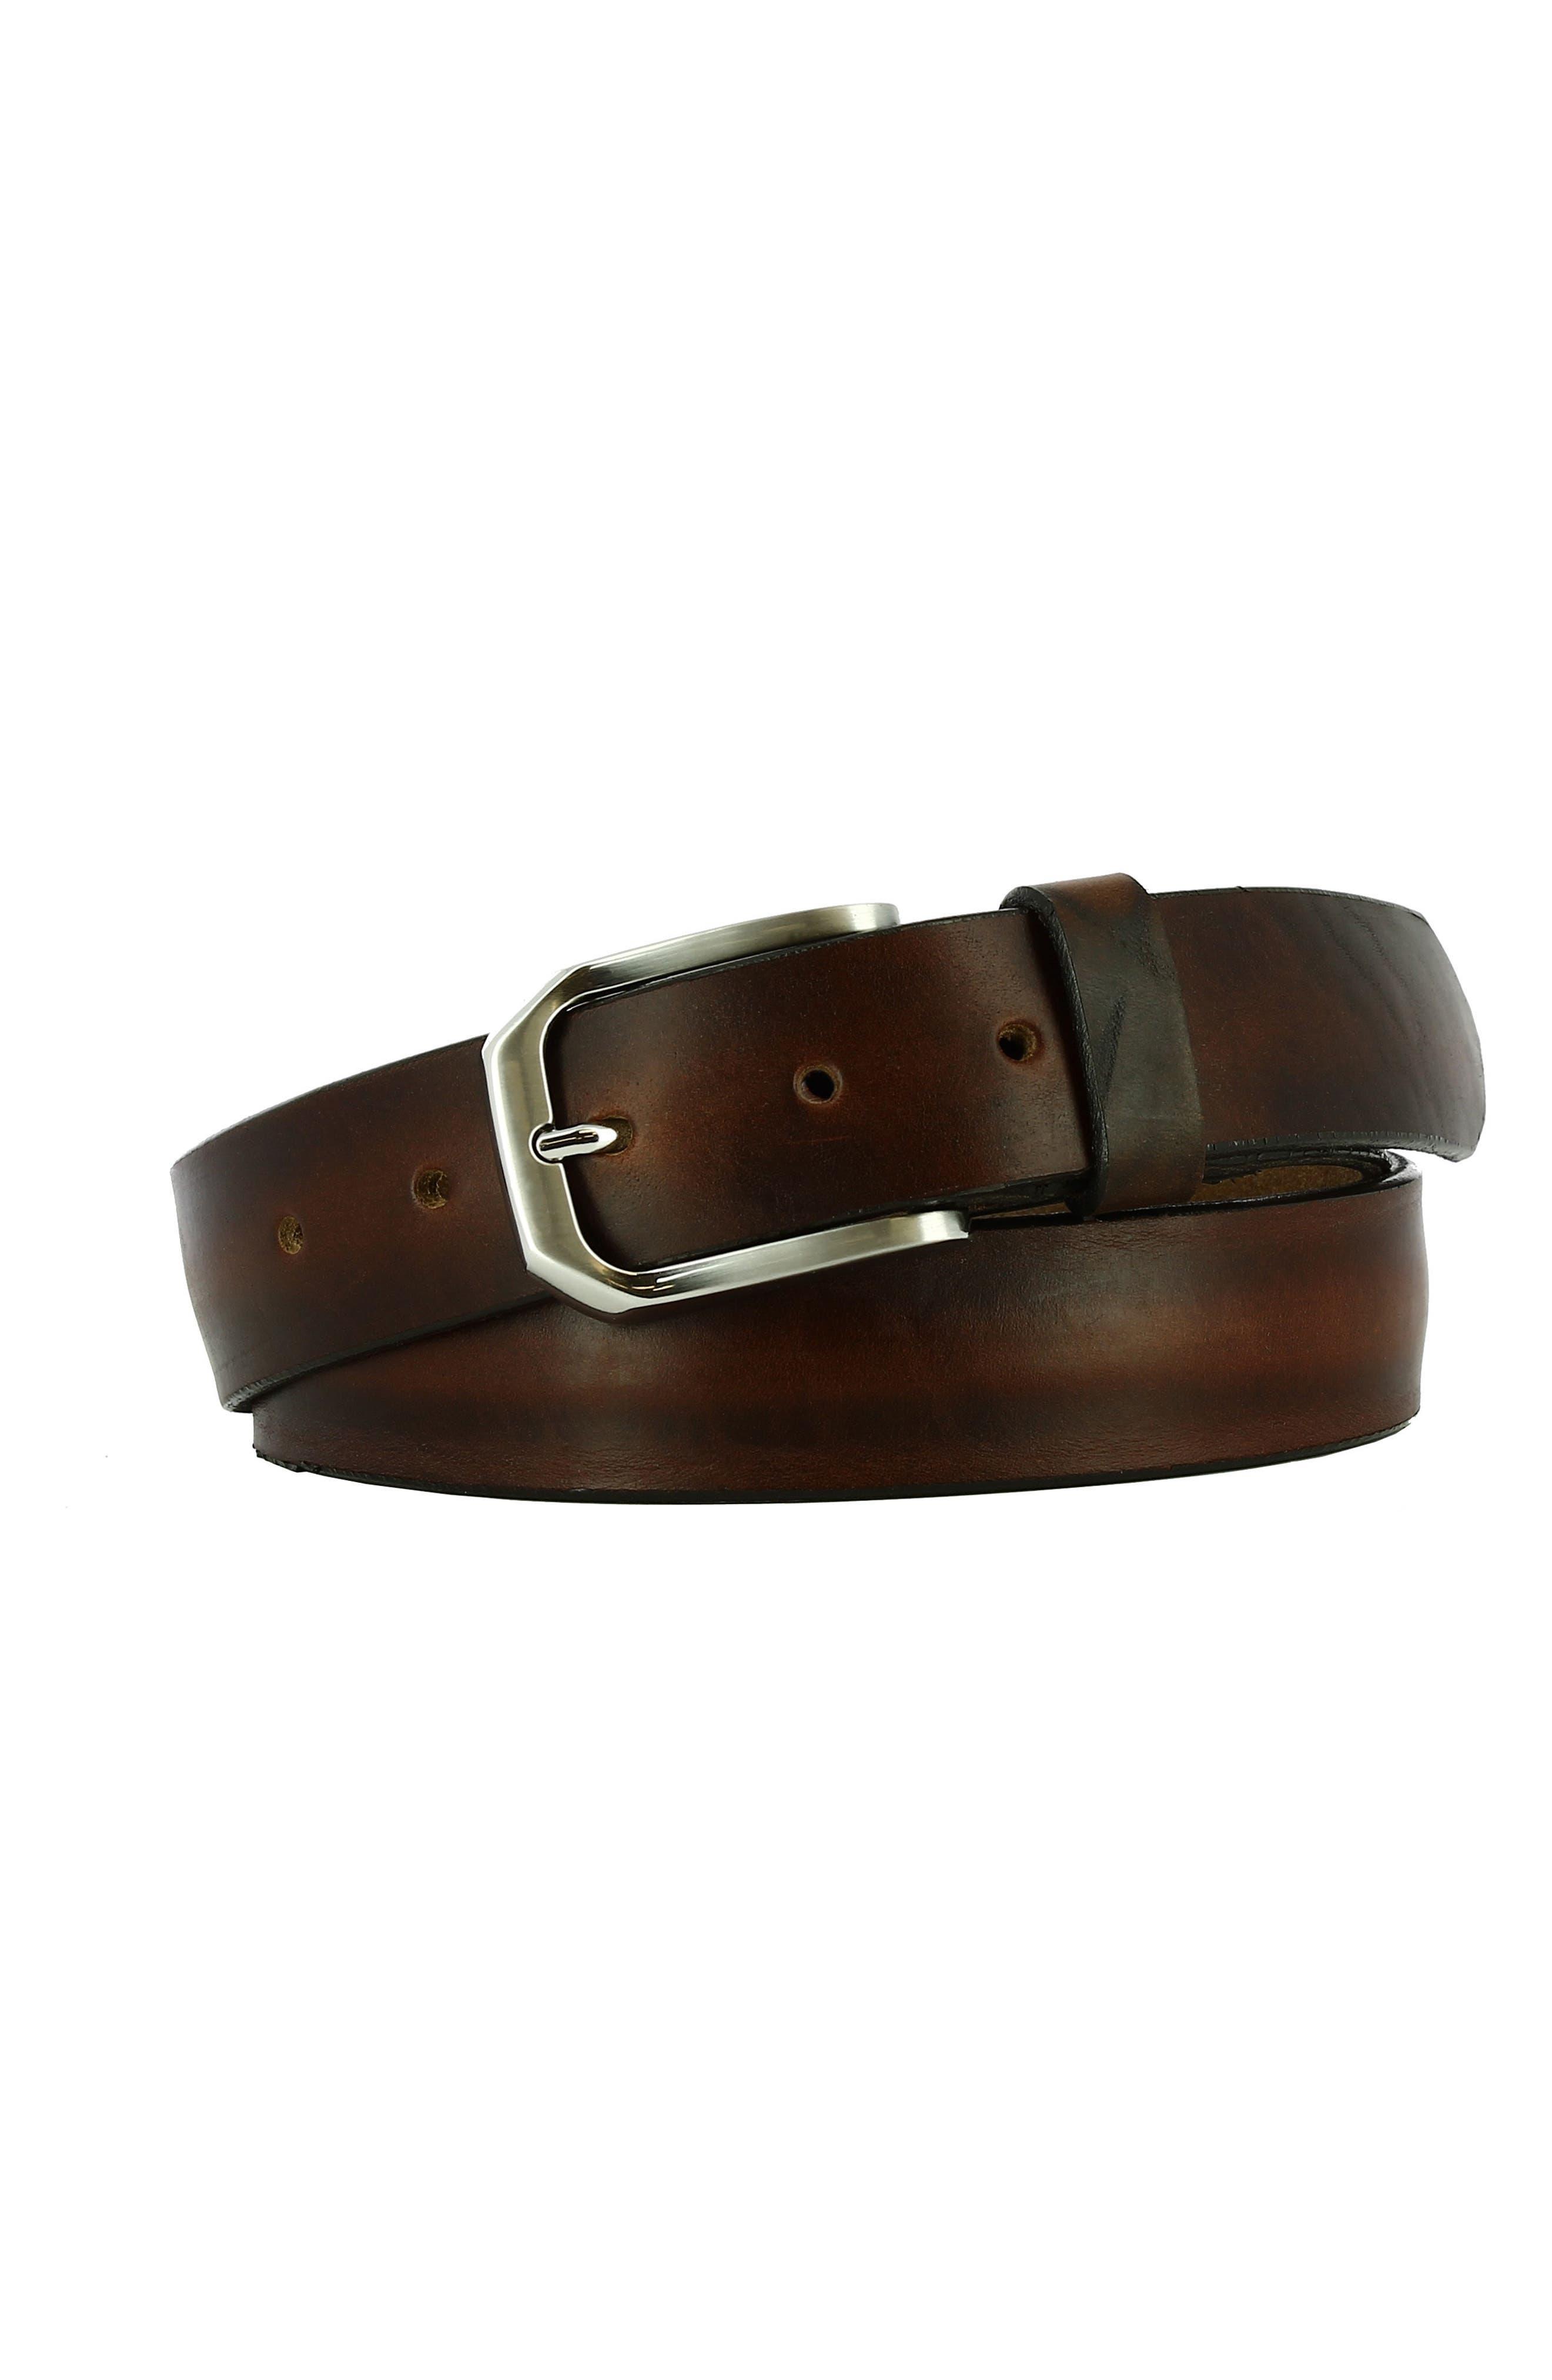 Remo Tulliani Gunner Leather Belt